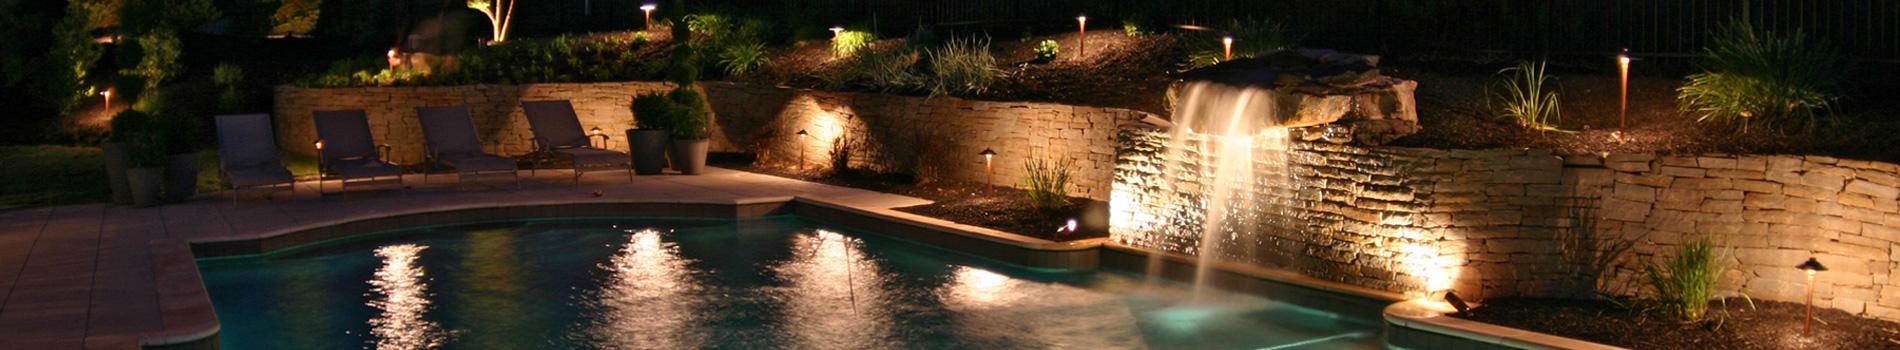 Lumipro iluminacion de exterior monterrey iluminacion para for Faroles de iluminacion exterior